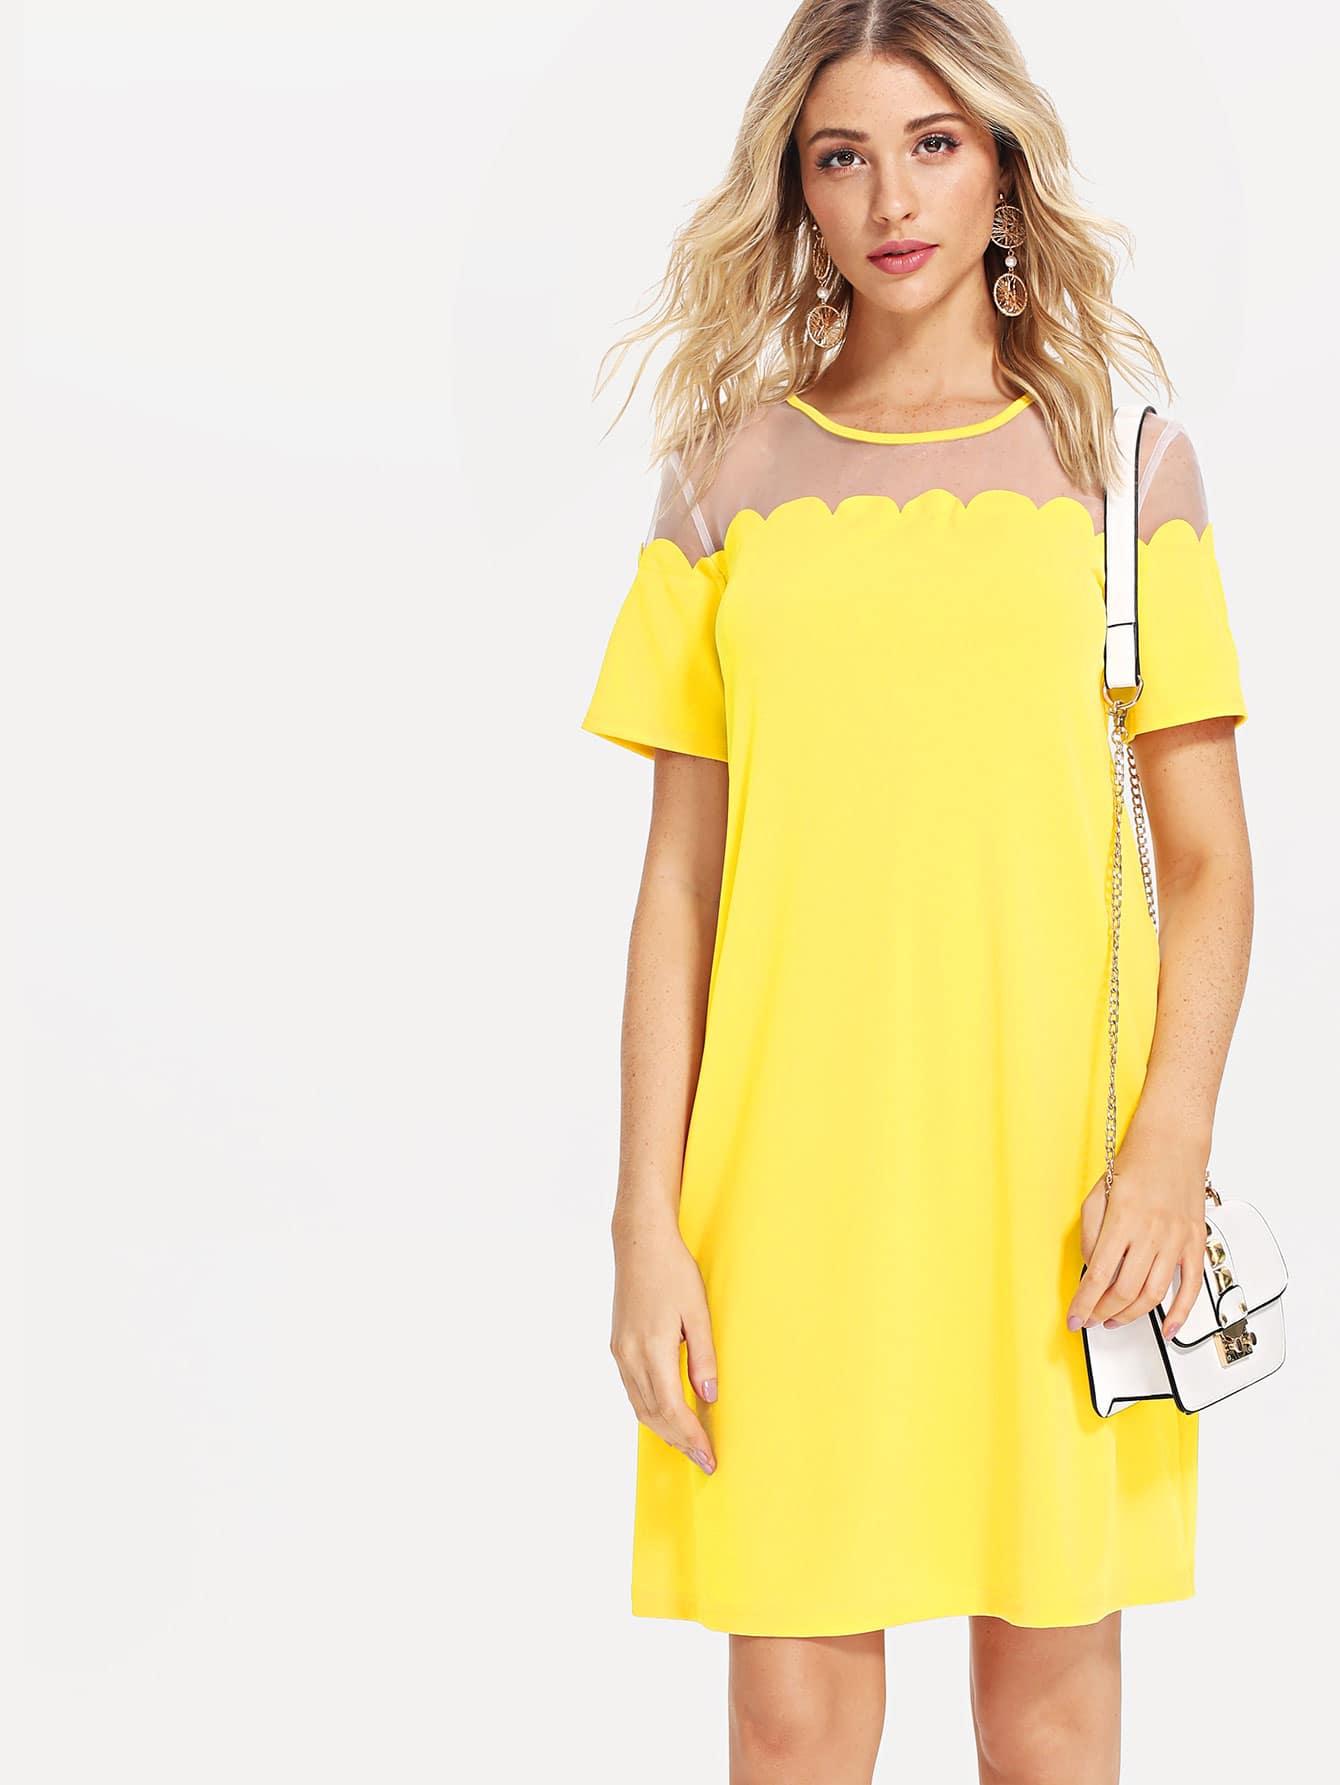 Mesh Yoke Scallop Trim Tunic Dress embroidered trim tunic dress